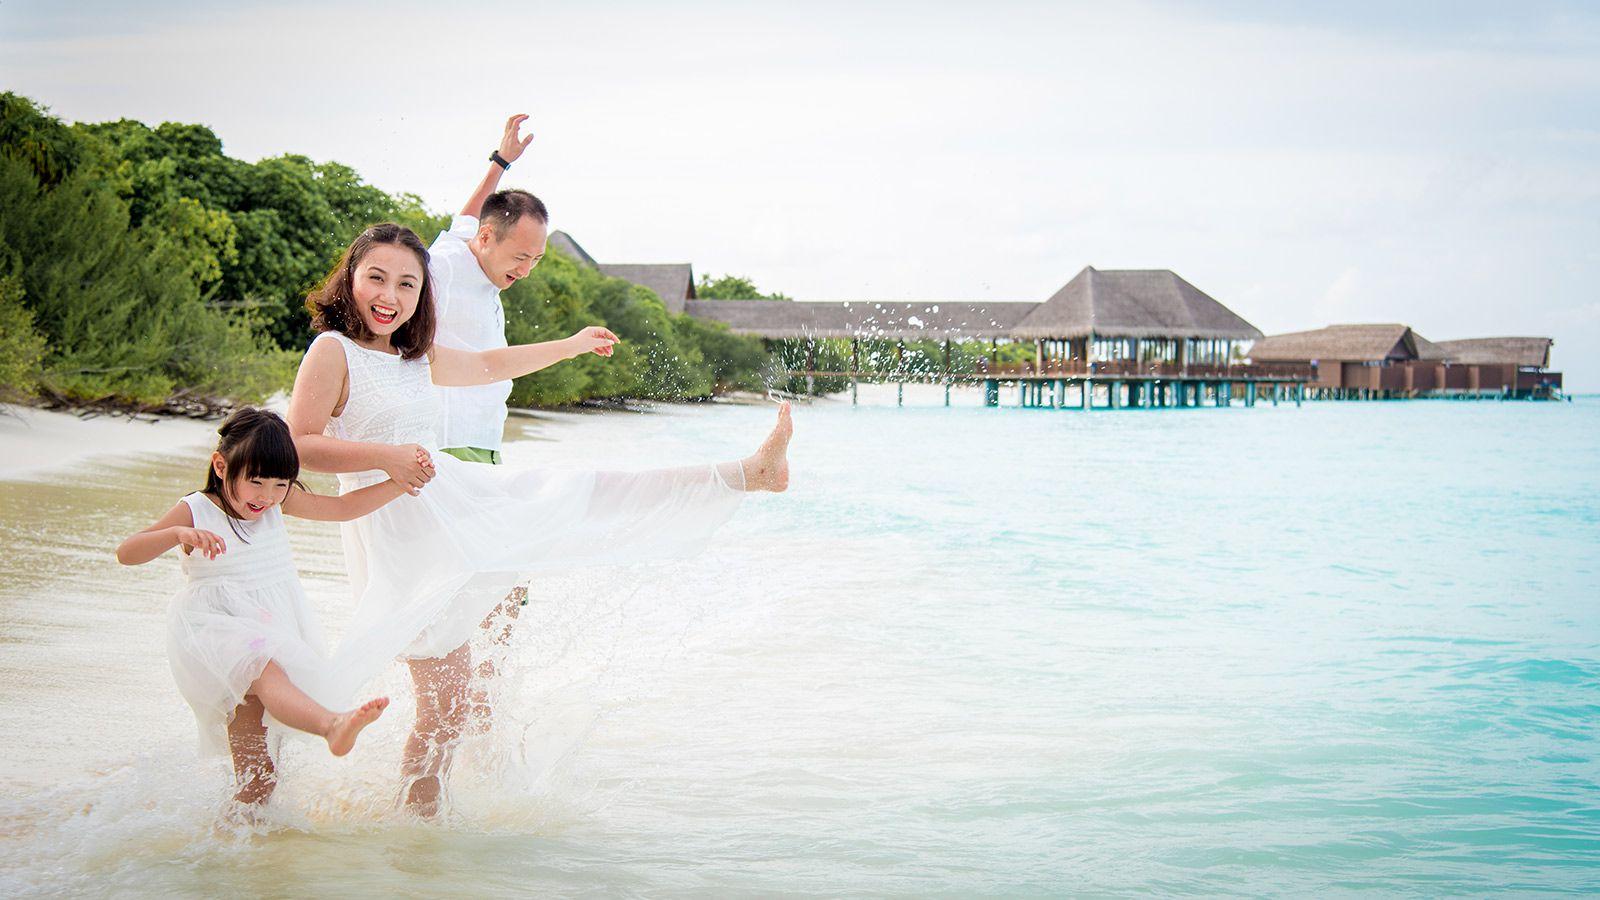 Maldives Resorts - Hideaway Beach Maldives Family Facilities